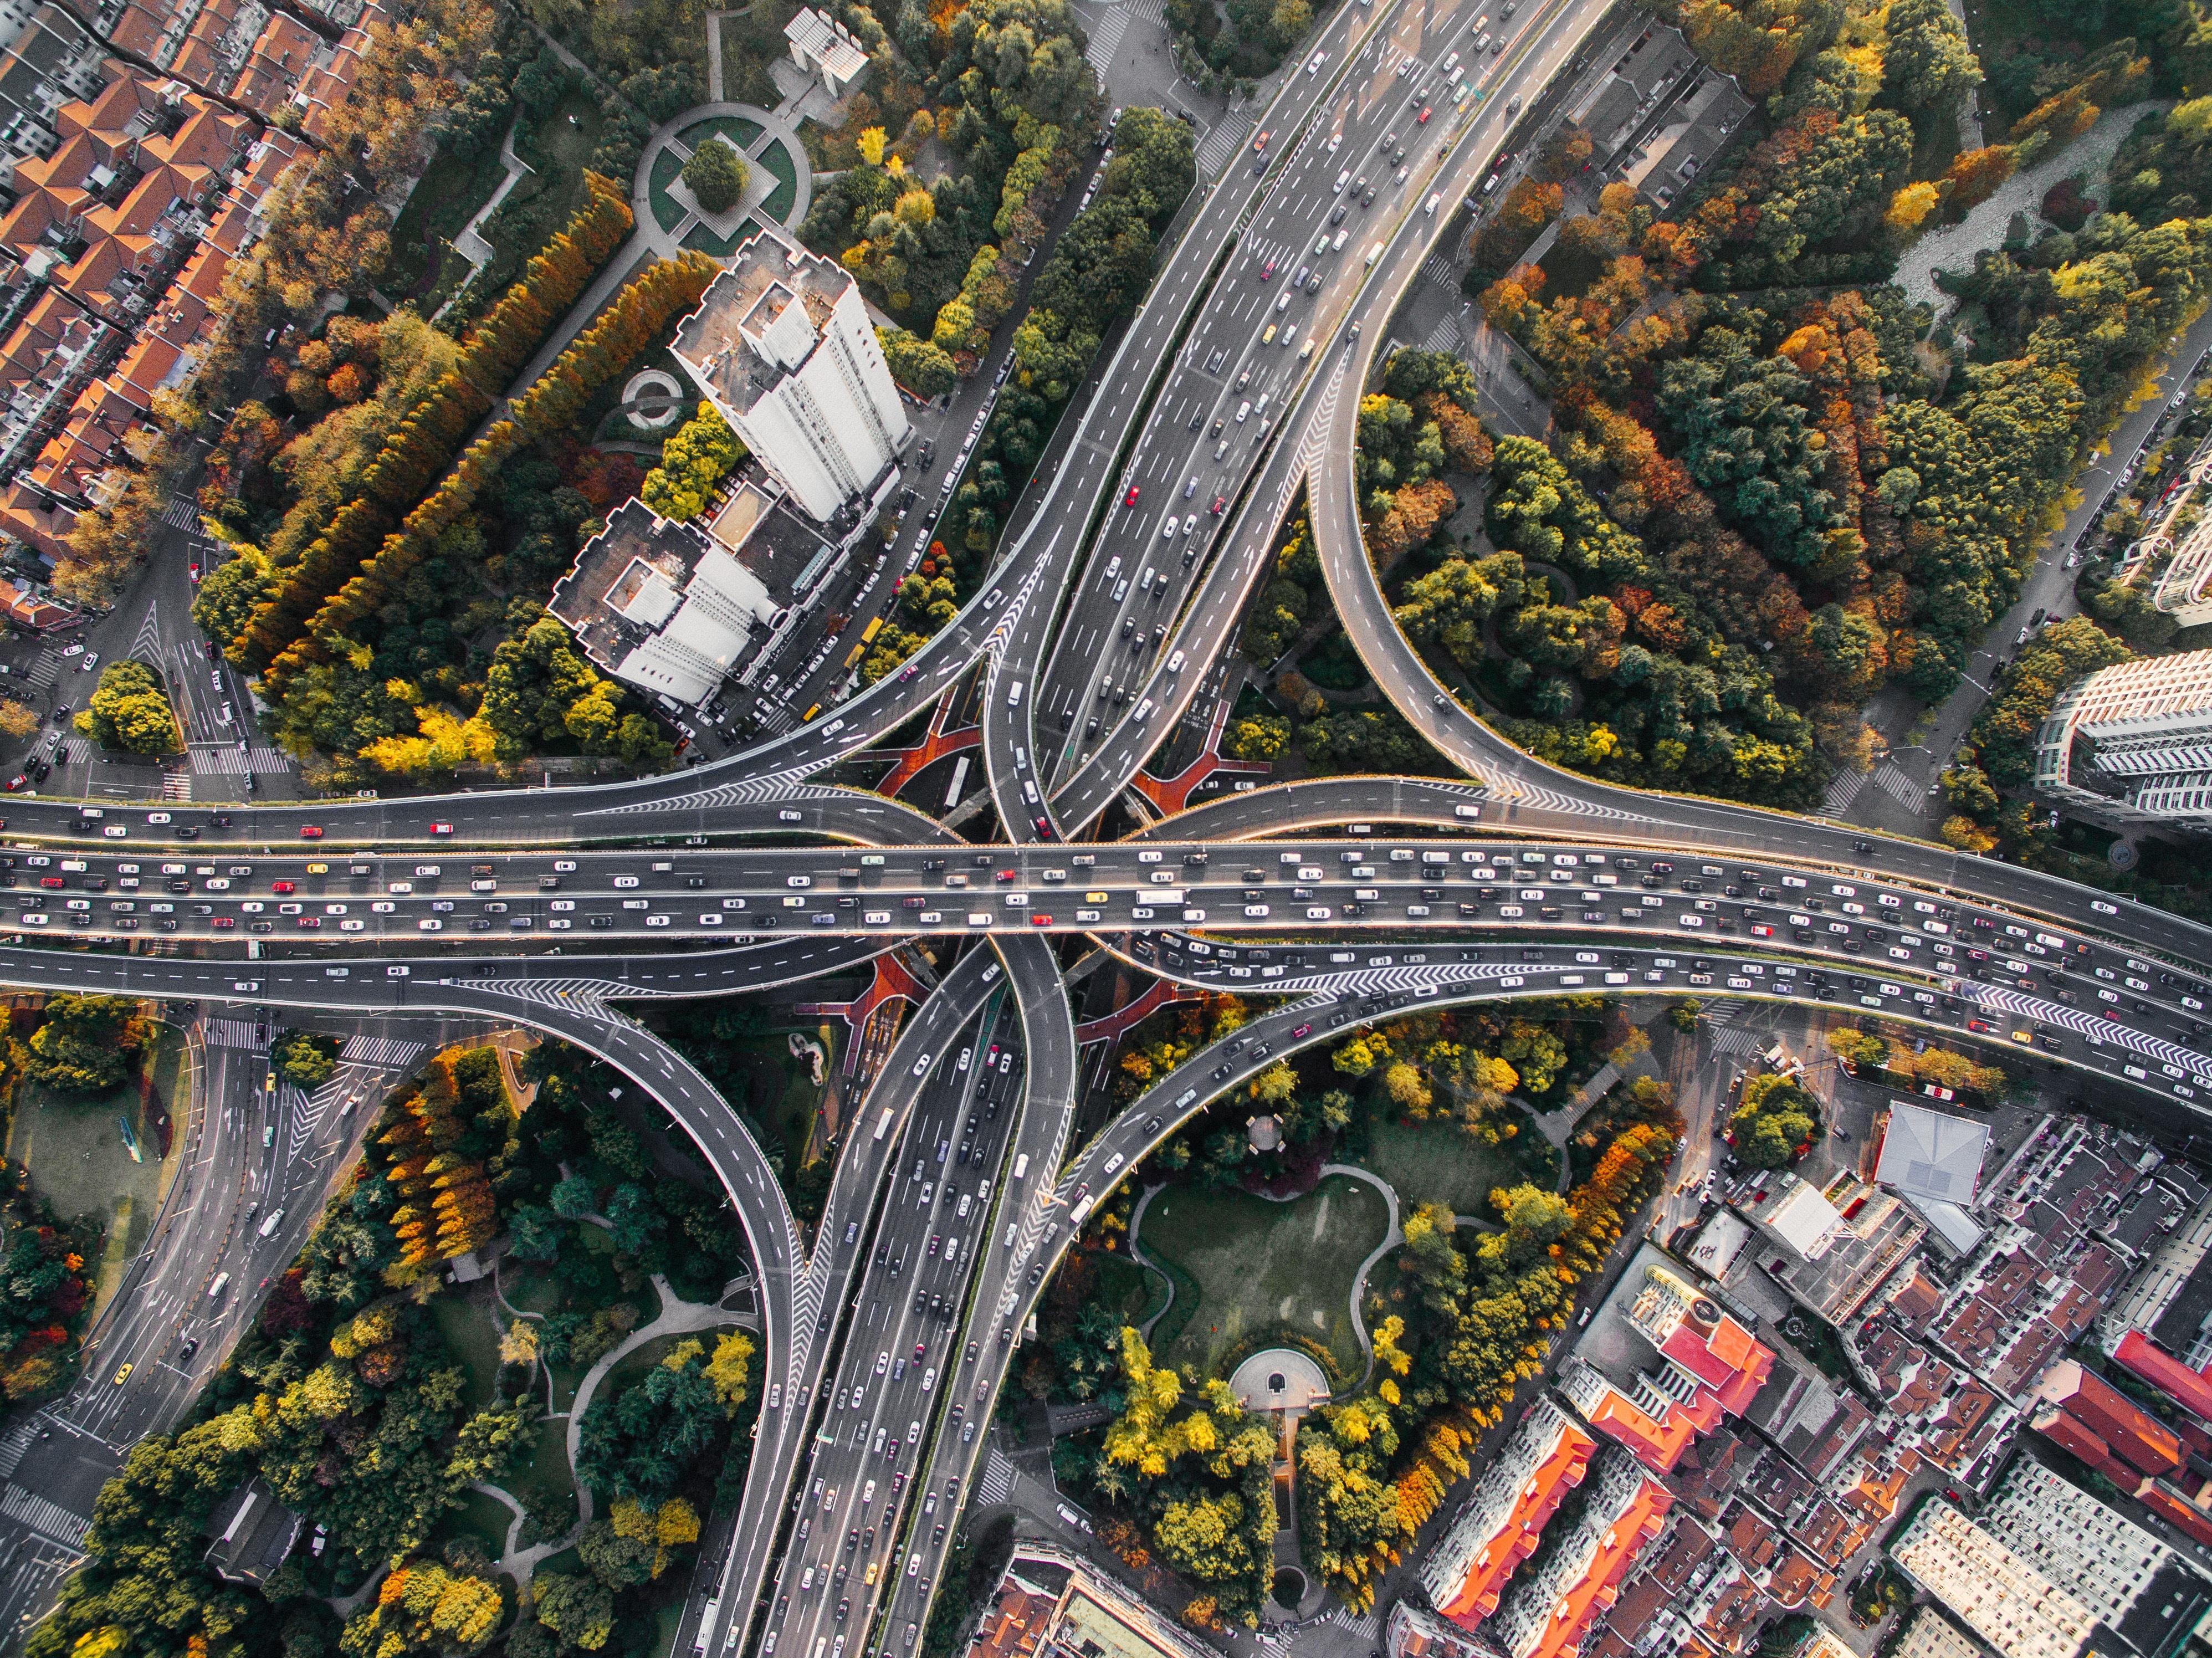 Un Nuovo Video Su Envision E Sulle Infrastrutture Sostenibili E Resilienti